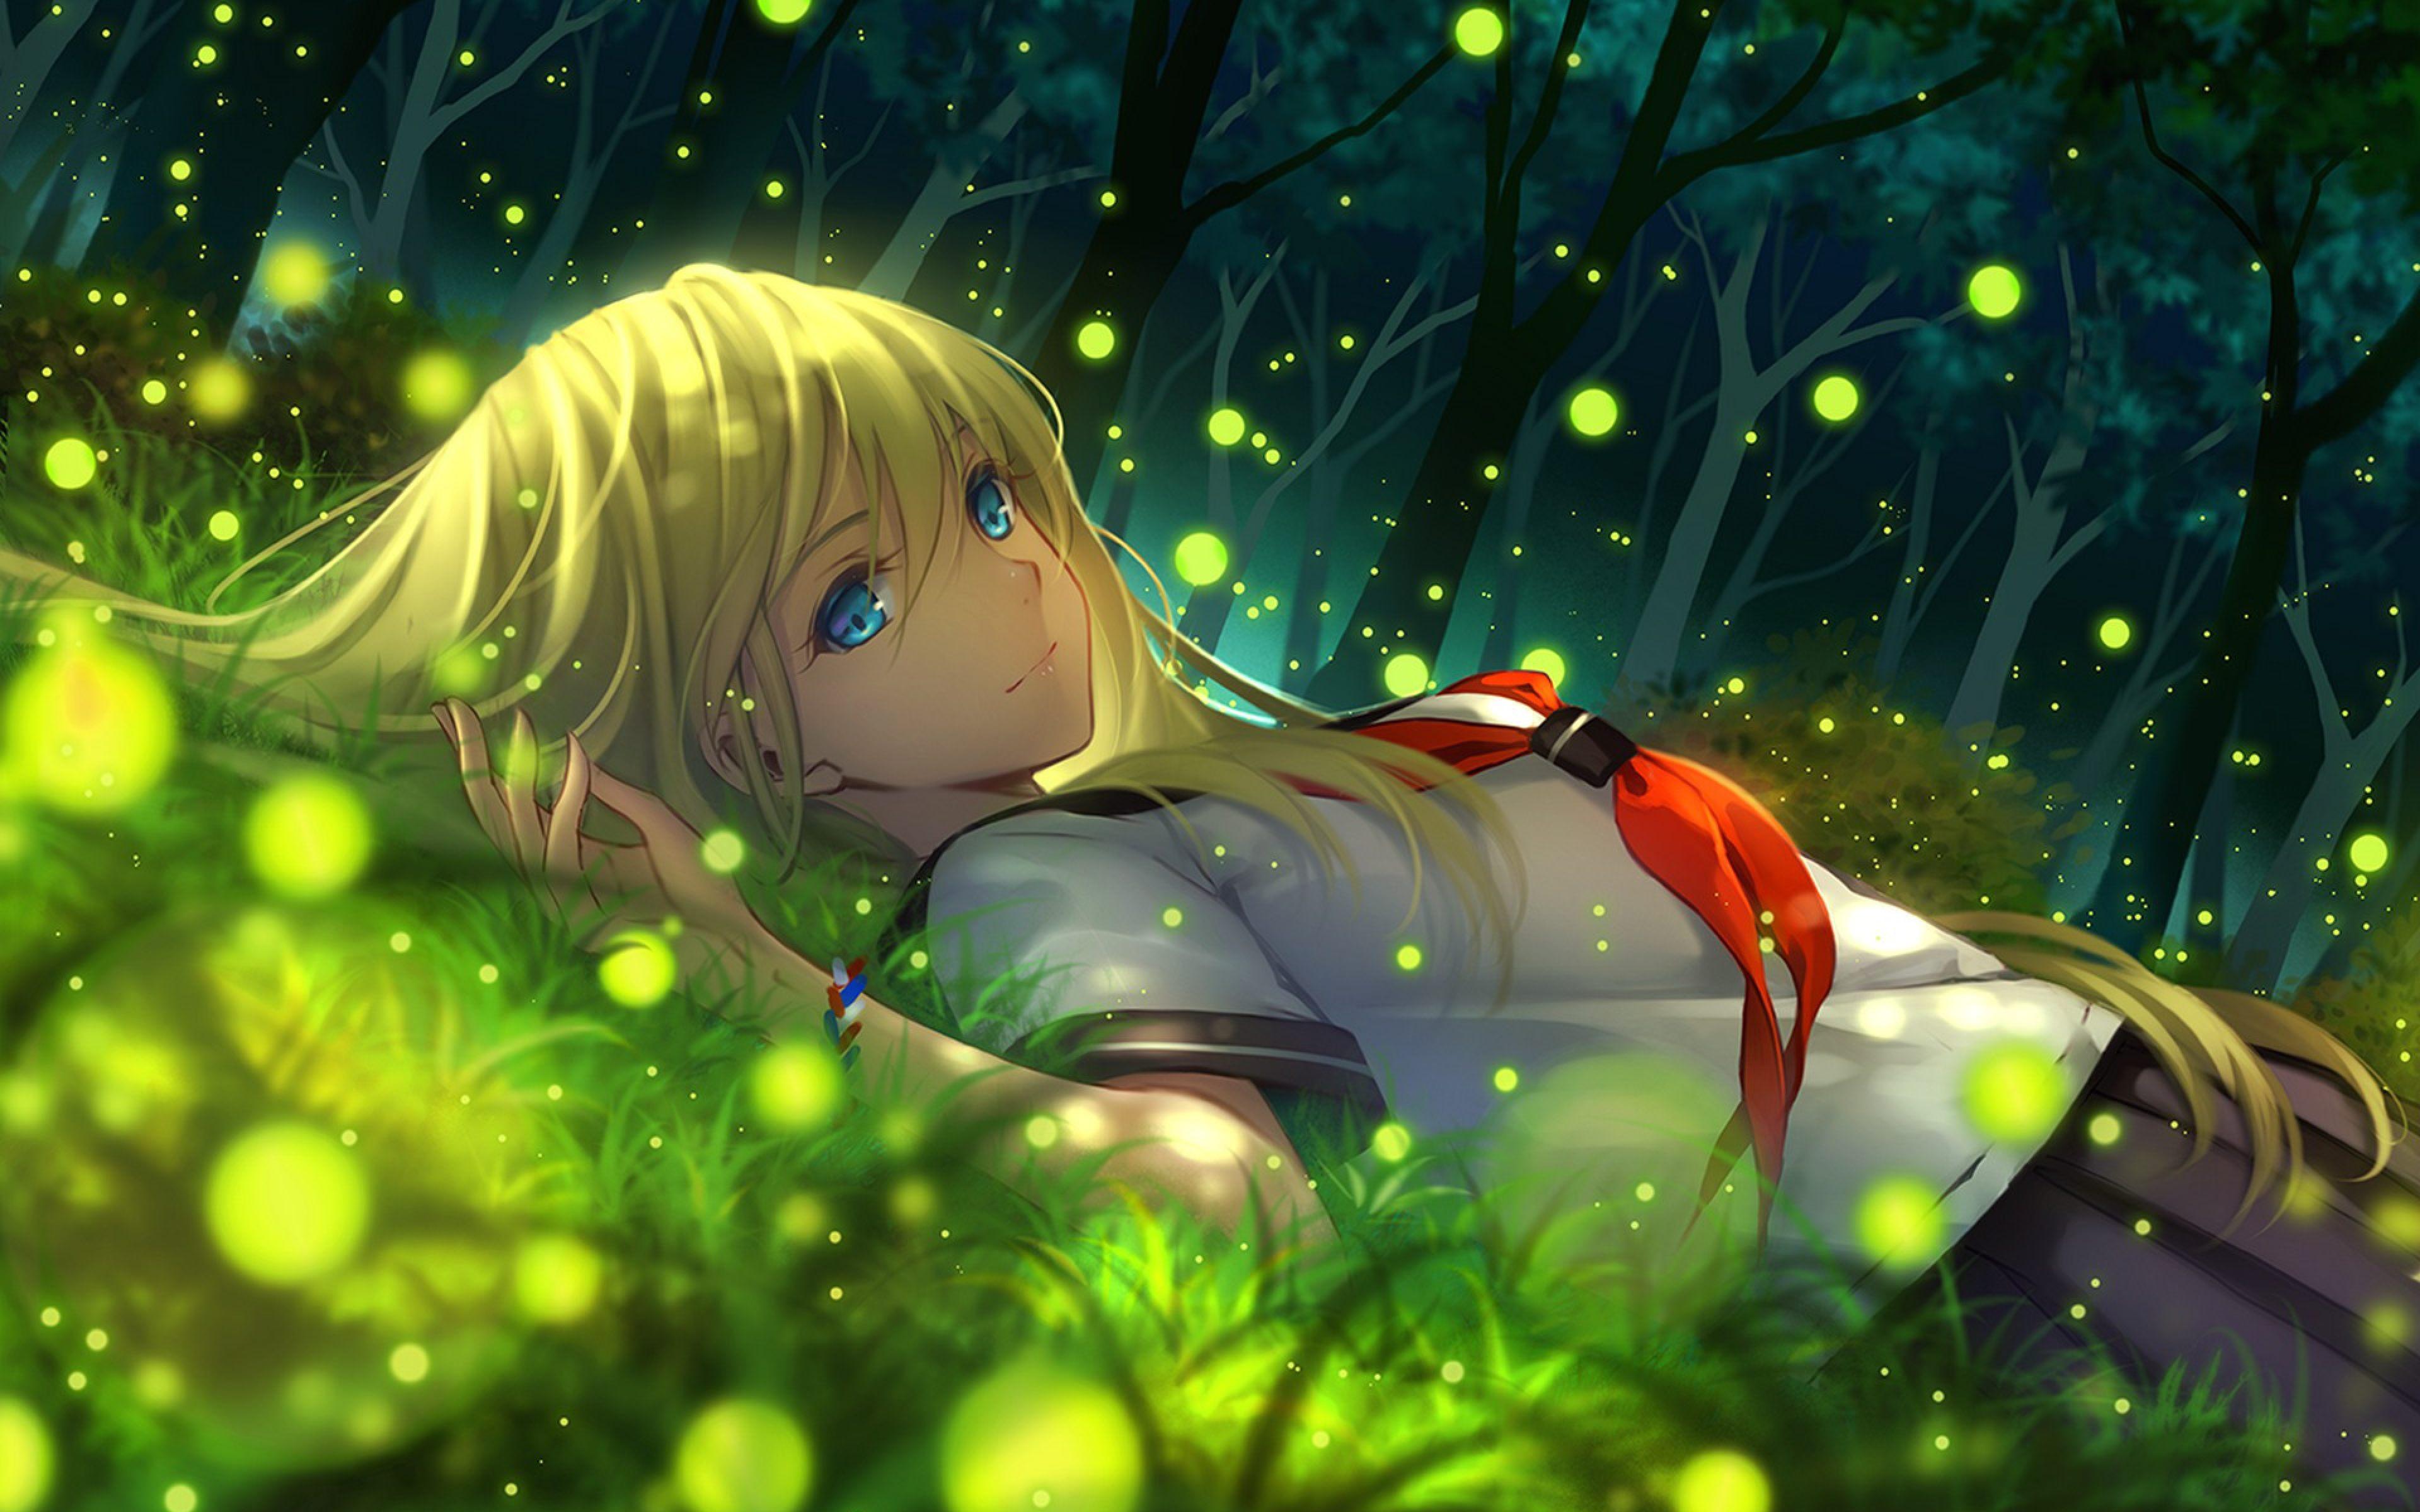 Những hình ảnh anime đẹp nhất thế giới